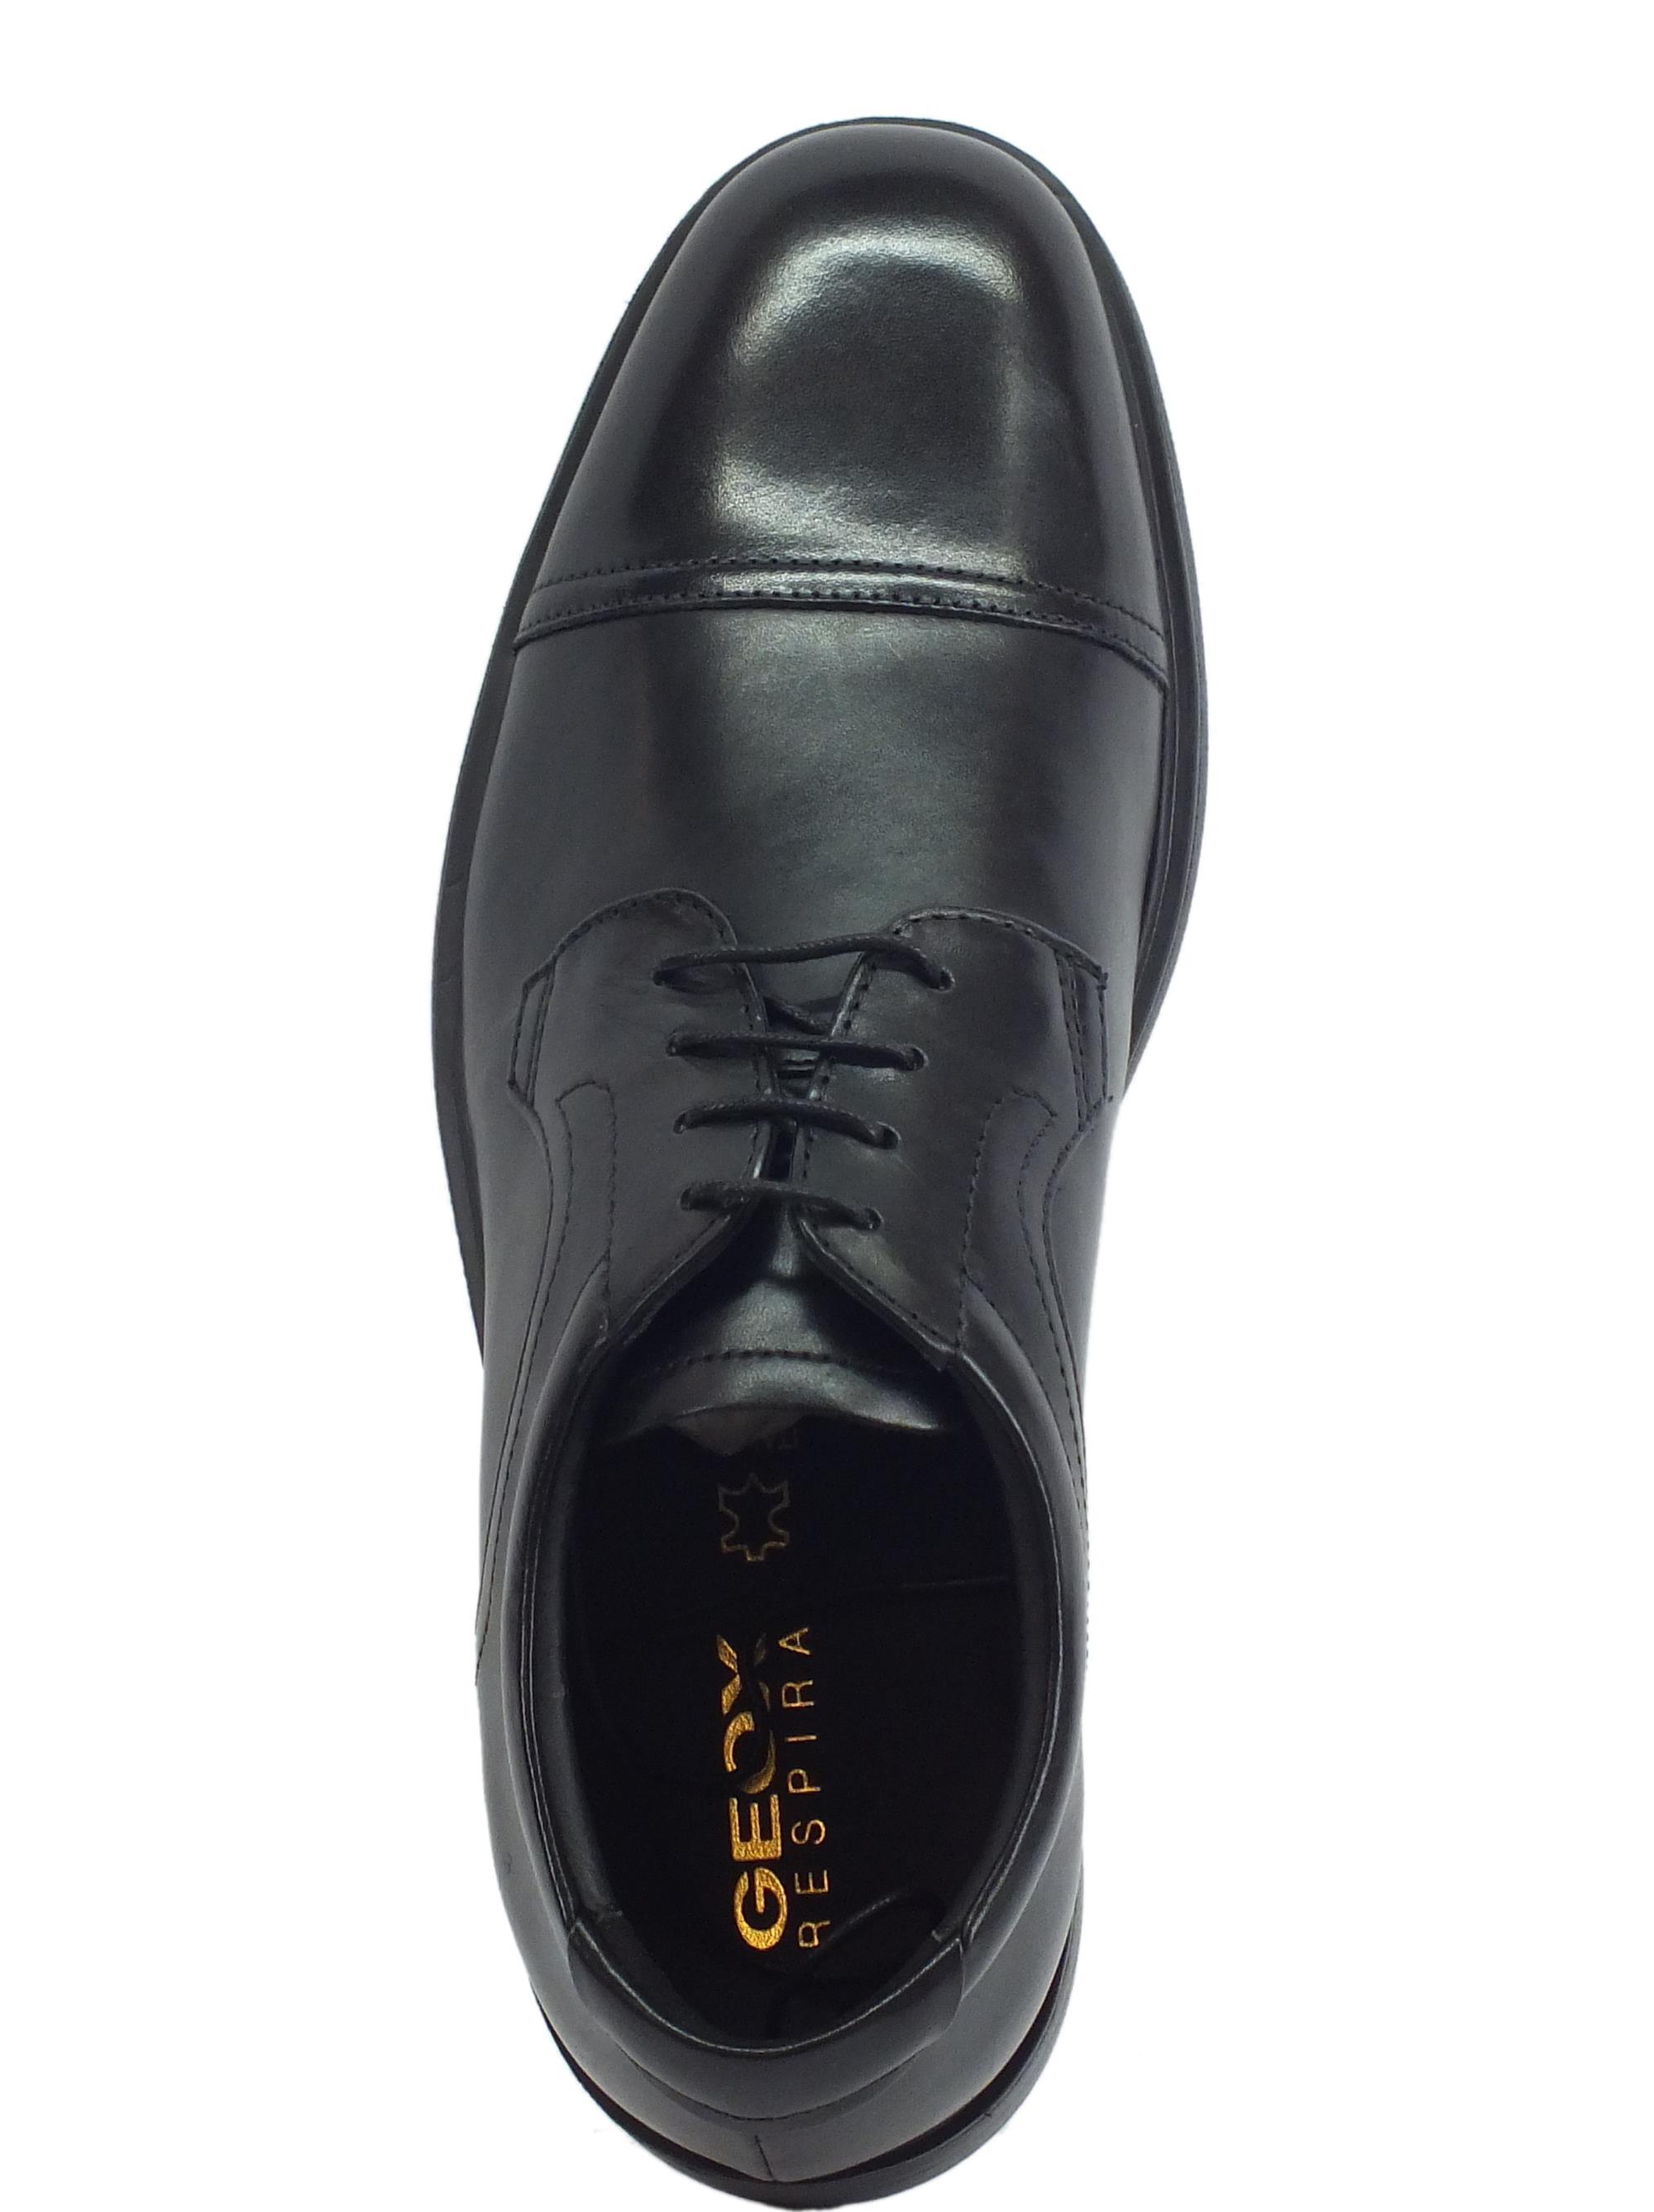 Scarpe Geox Dublin uomo pelle nera - Vitiello Calzature b760544f0ef